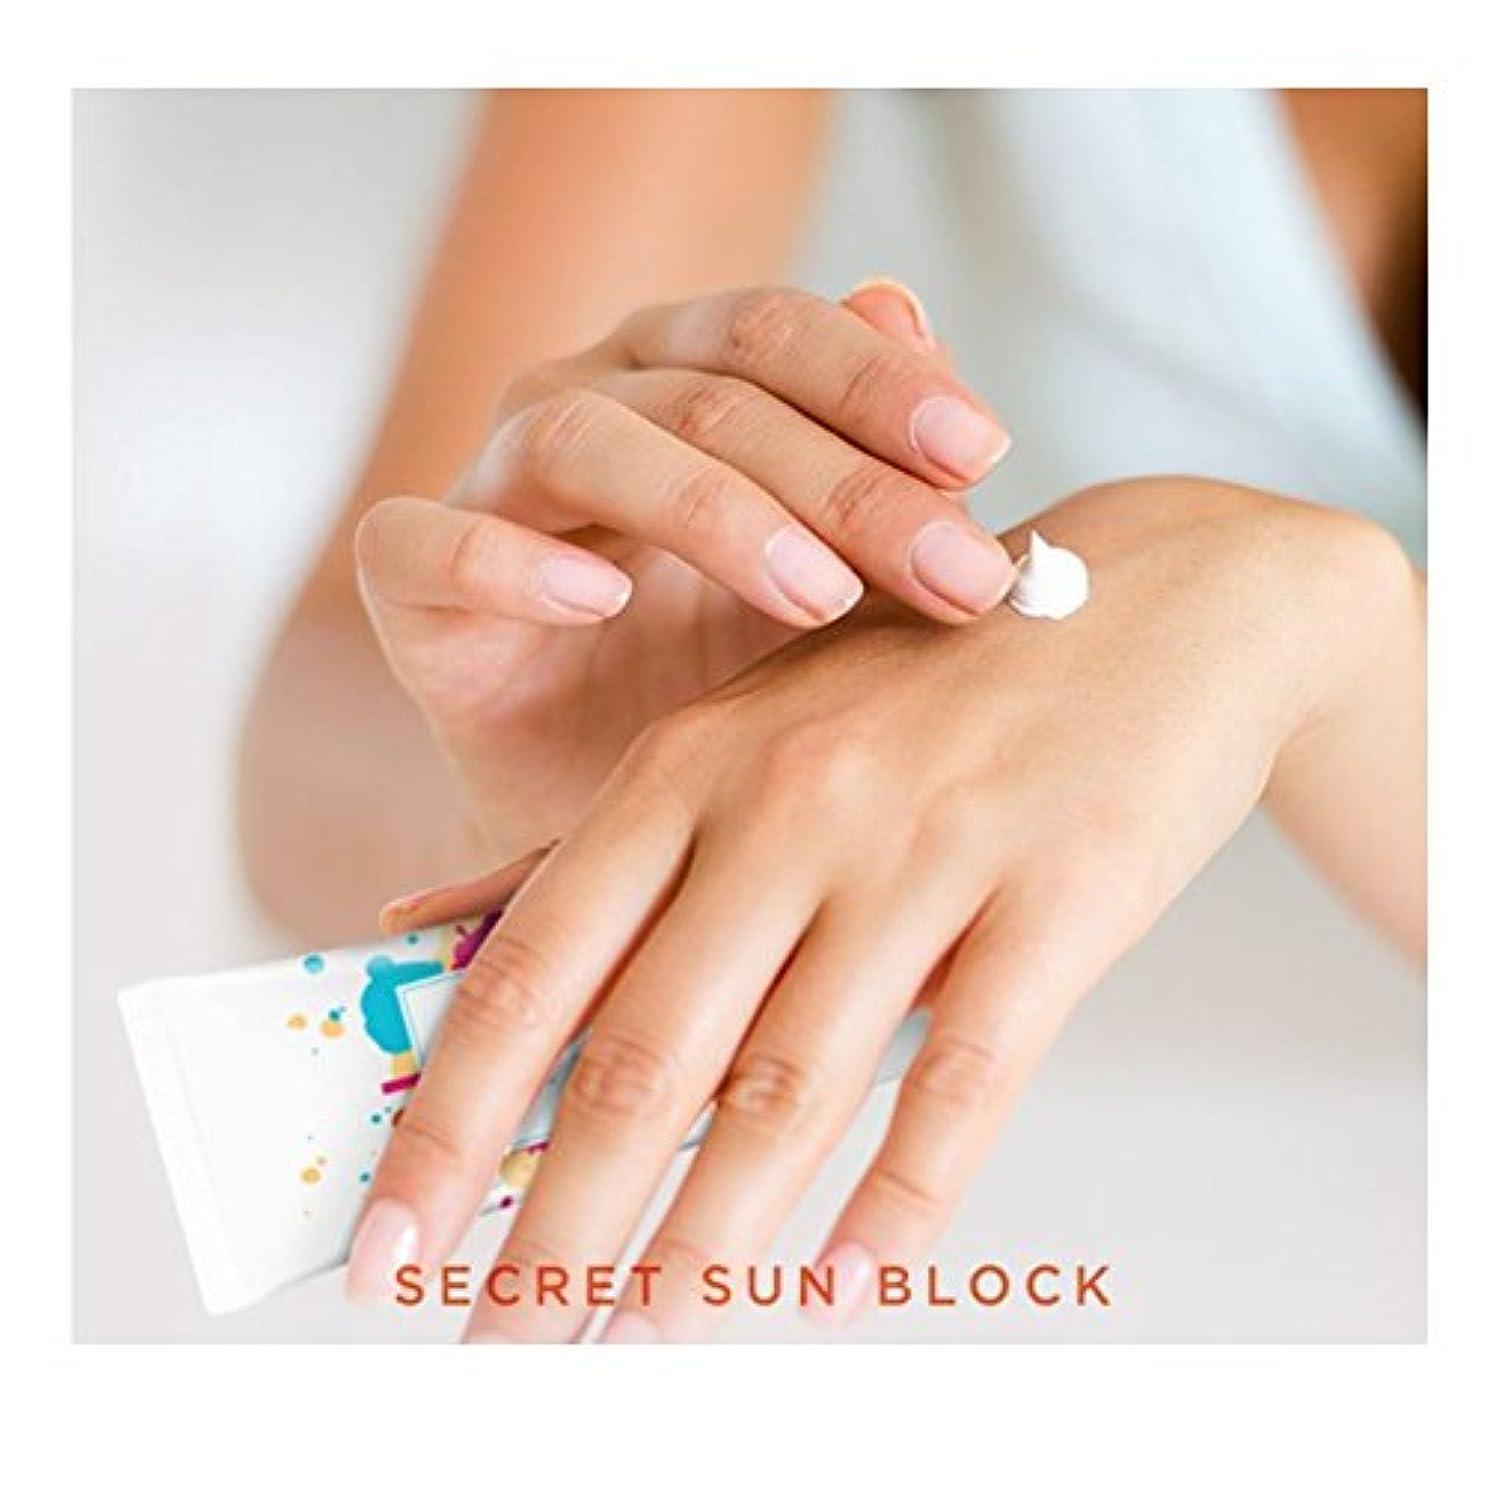 インフラ無条件説明的ボンツリーベリー?エッセンス?サンブルロク(SPF50+/PA+++) 50ml x 2本セット サンクリーム 韓国コスメ, Borntree Berry Essence Sun Block (SPF50+/PA+++)...